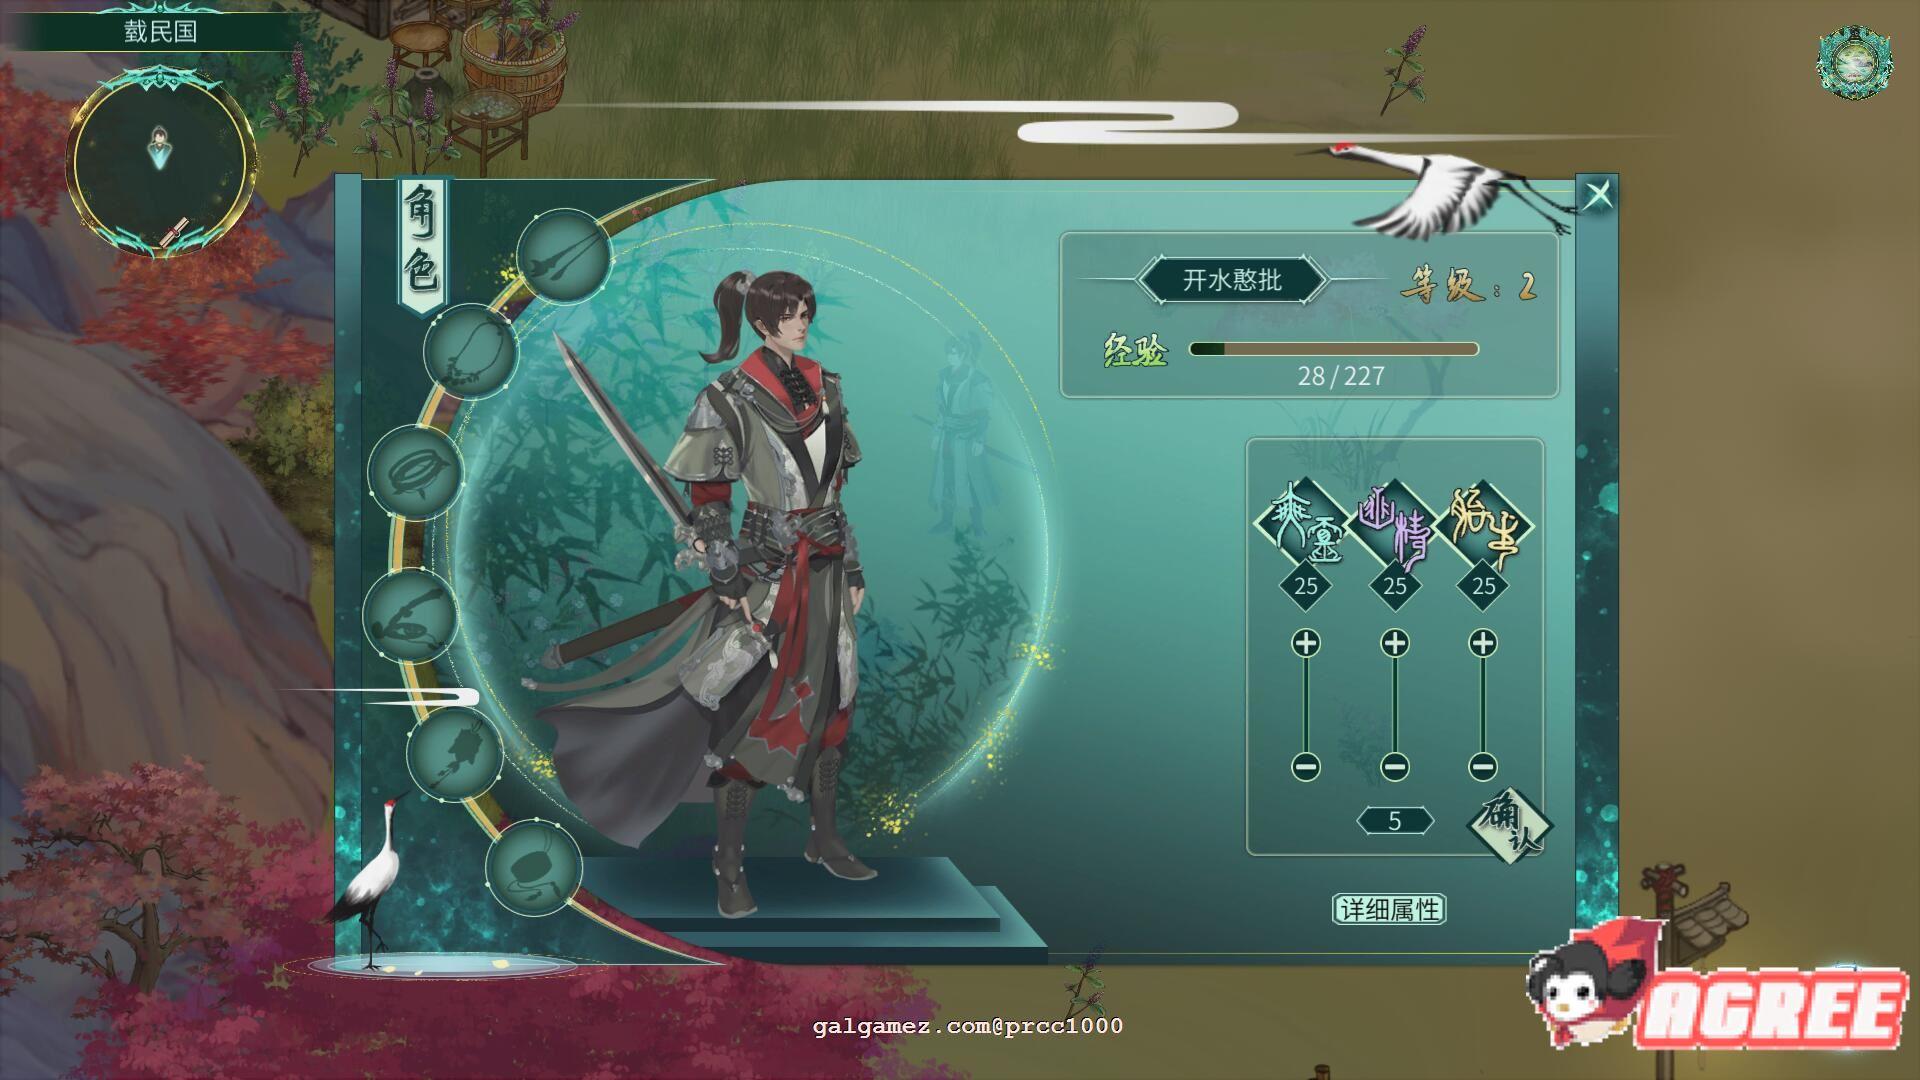 【大型RPG/中文/全动态】烈山海-BMS1 STEAM官方中文步兵版[极品国风] 【3.7G/新作】 11